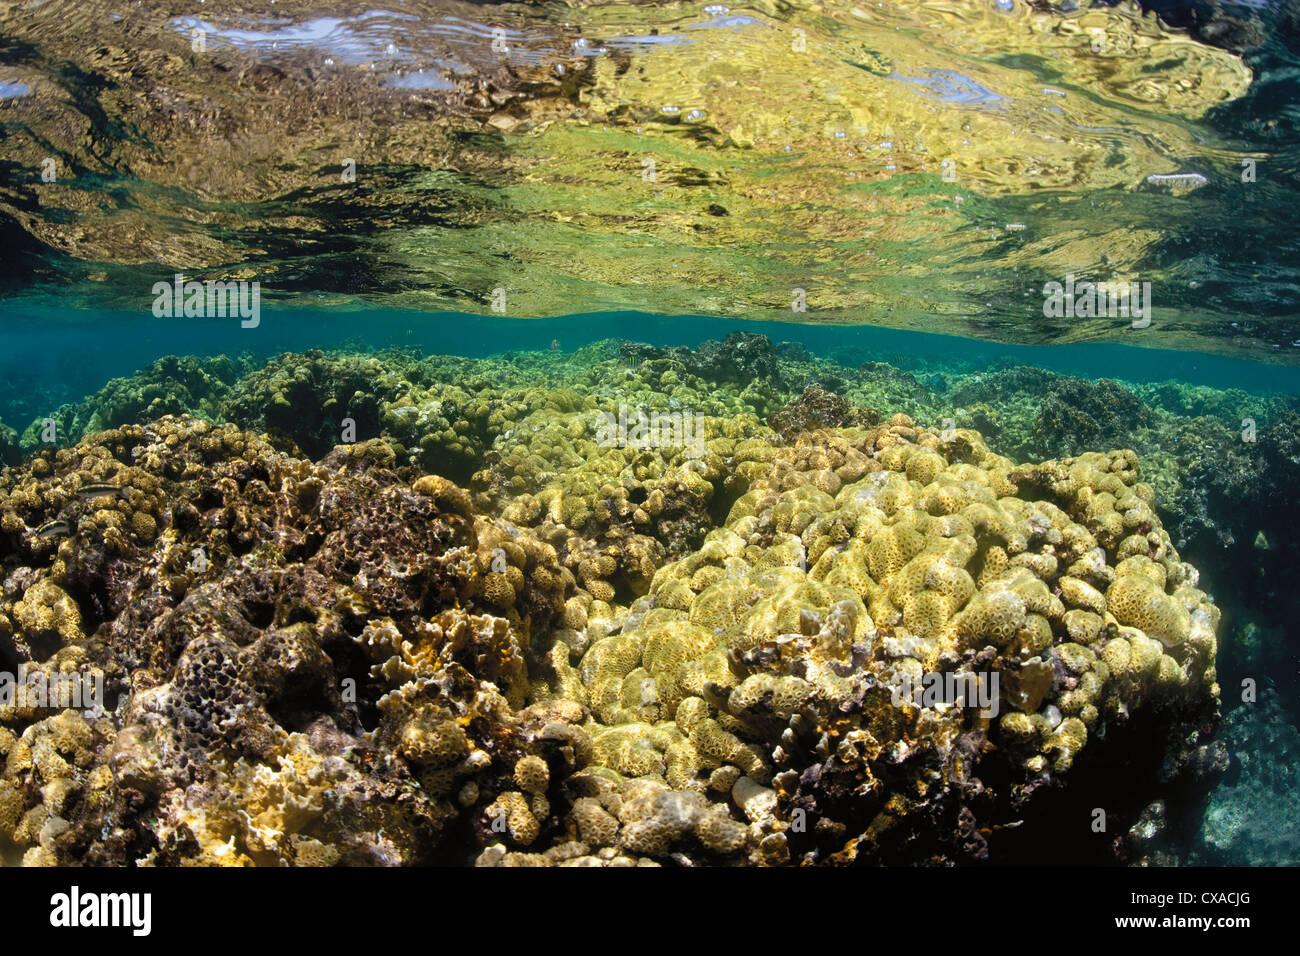 Korallenriff an der Oberfläche des Ozeans in Honduras. Stockbild